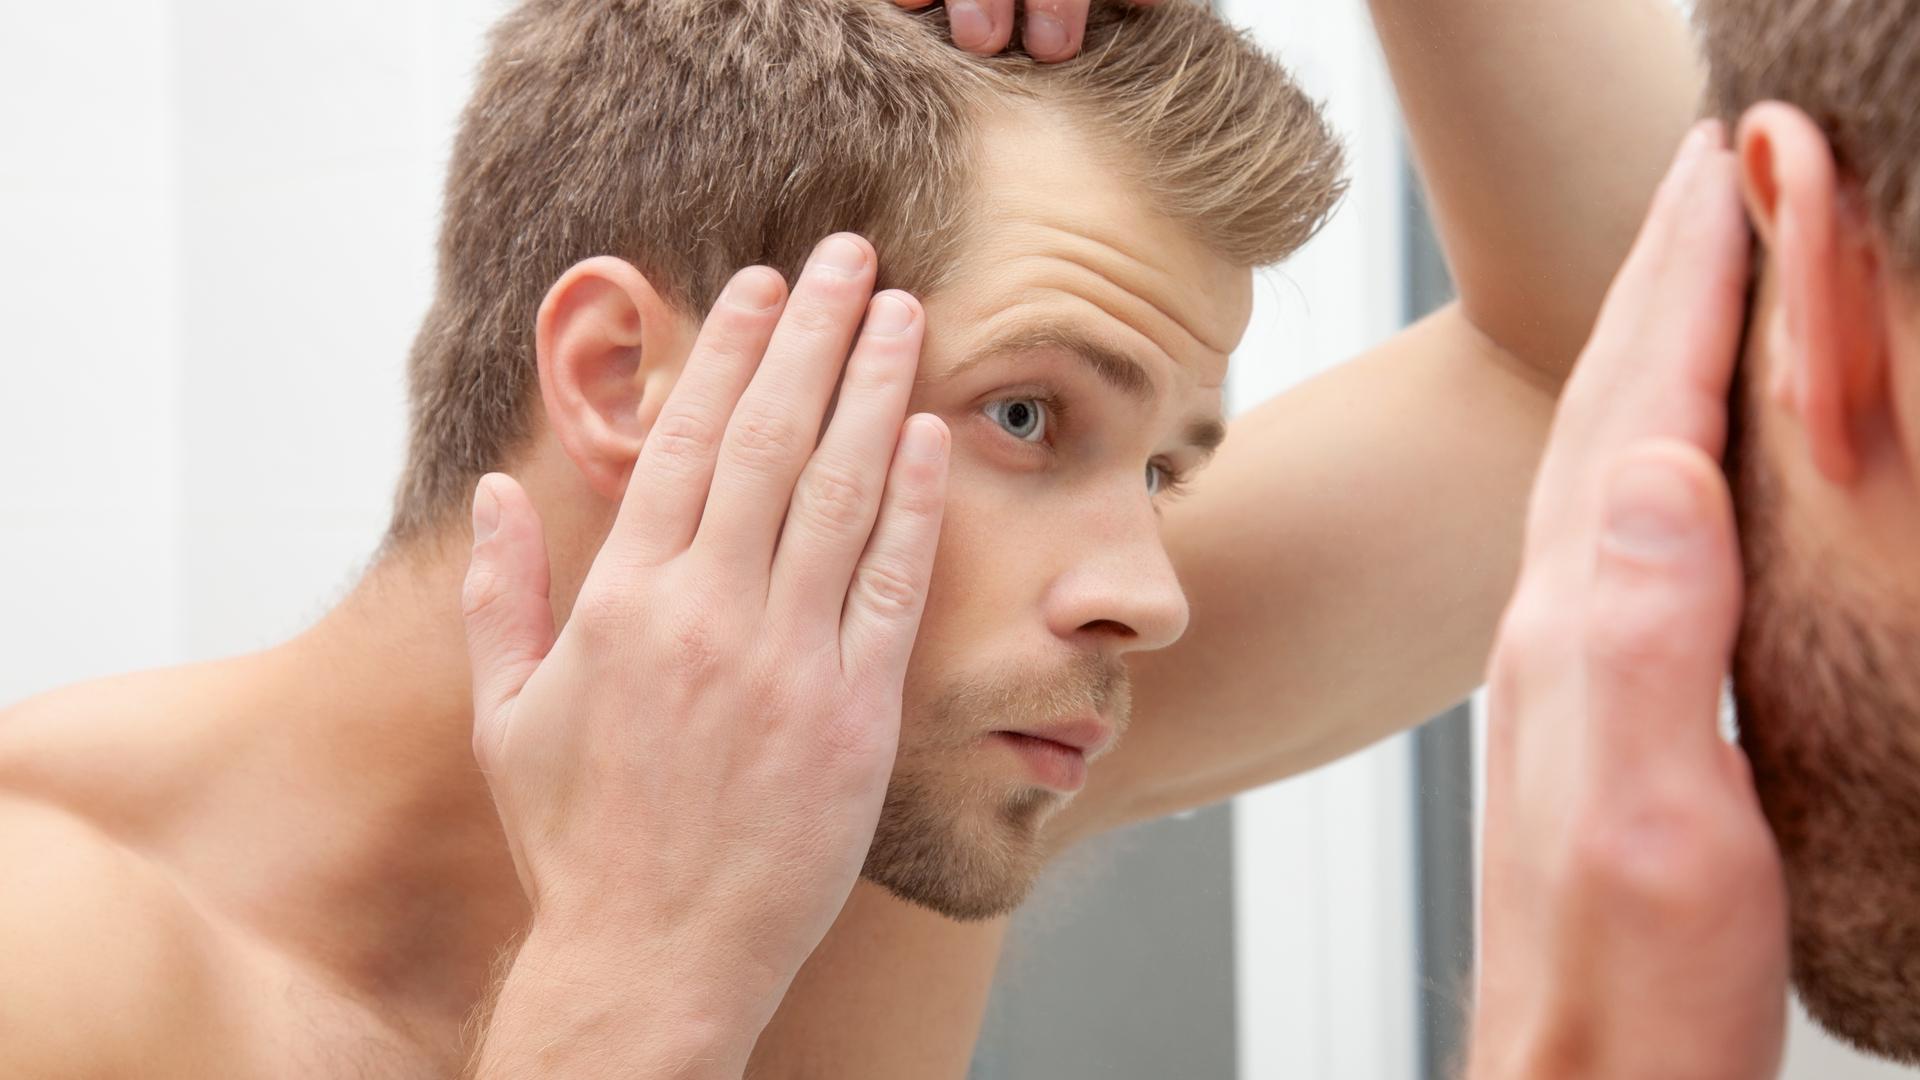 抜け毛の予防法とは? 若くても油断大敵!その抜け毛は薄毛のサイン?